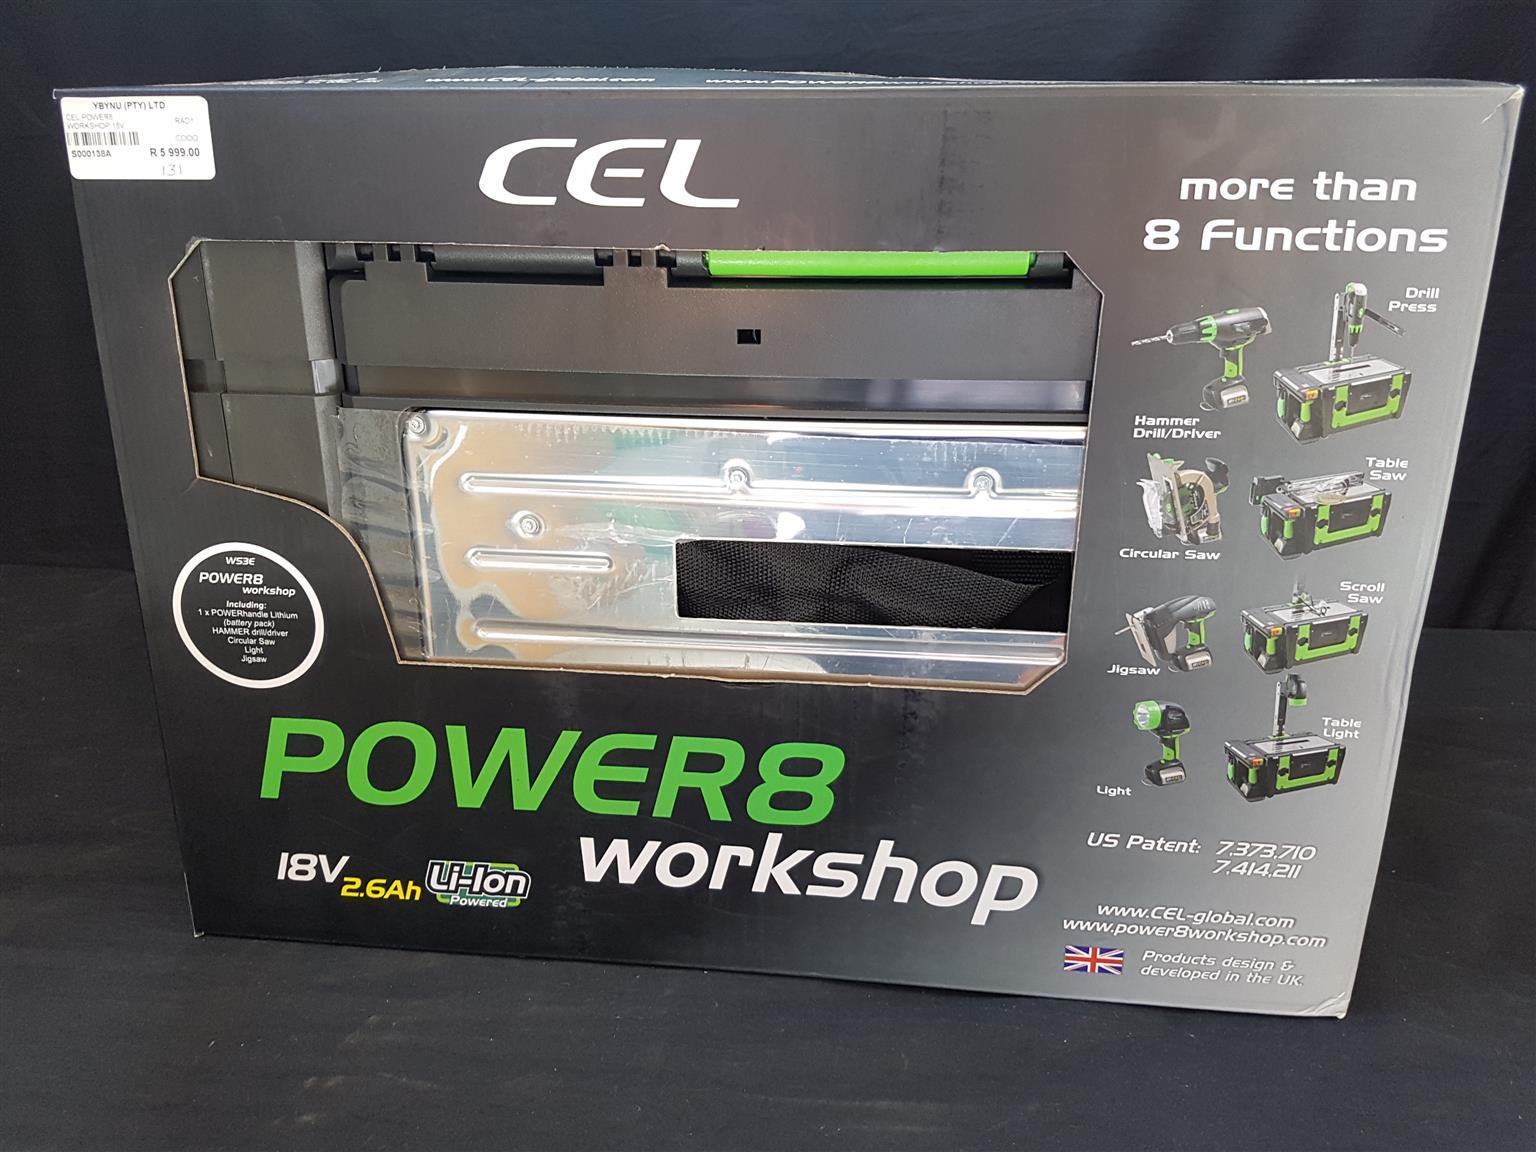 power 8 workshop